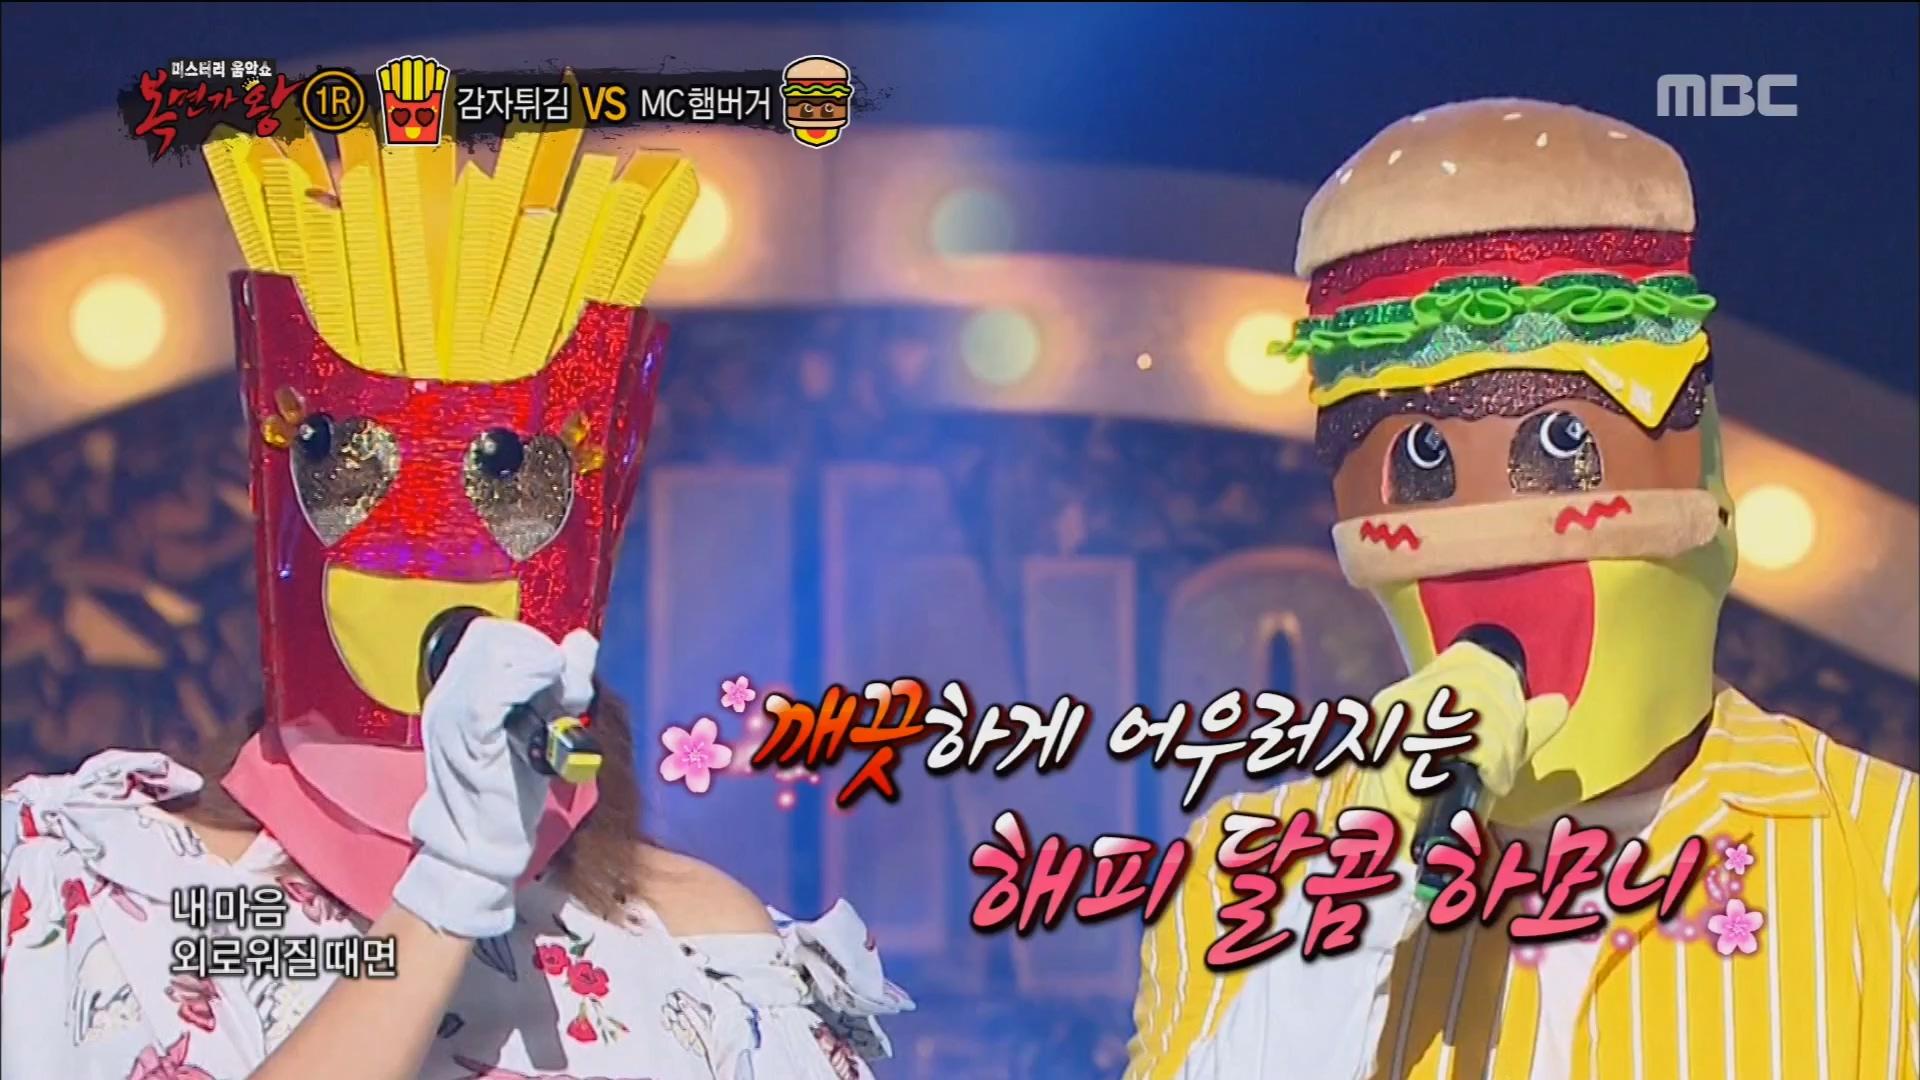 감자튀김 VS MC 햄버거의 듀엣곡 - 단발머리